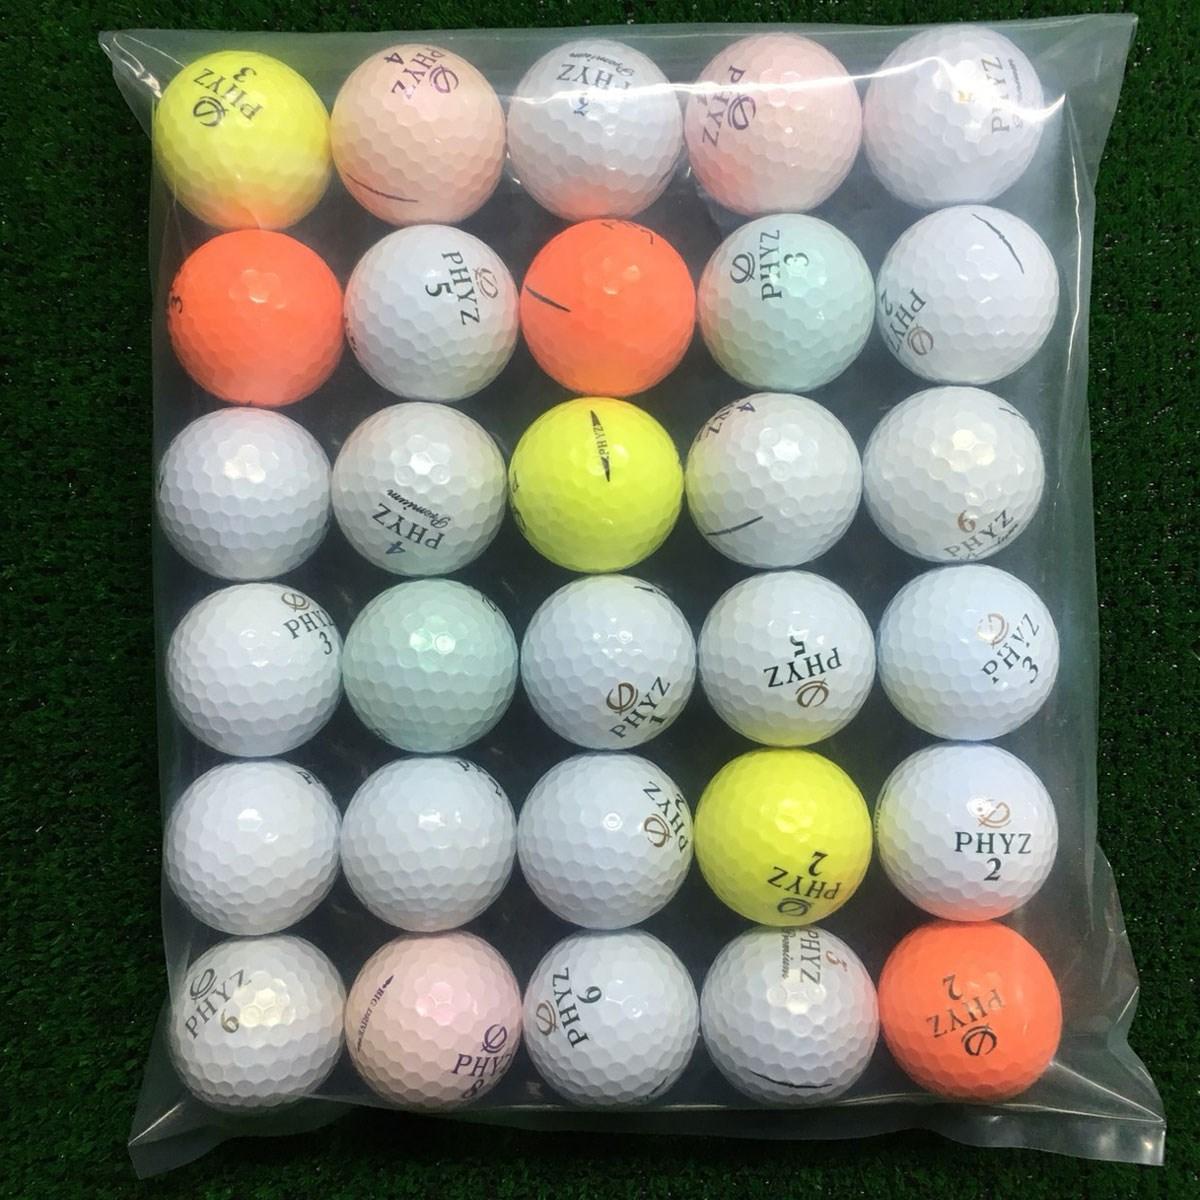 ロストボール BRIDGESTONE PHYZ各種混合 ボール 30個セット